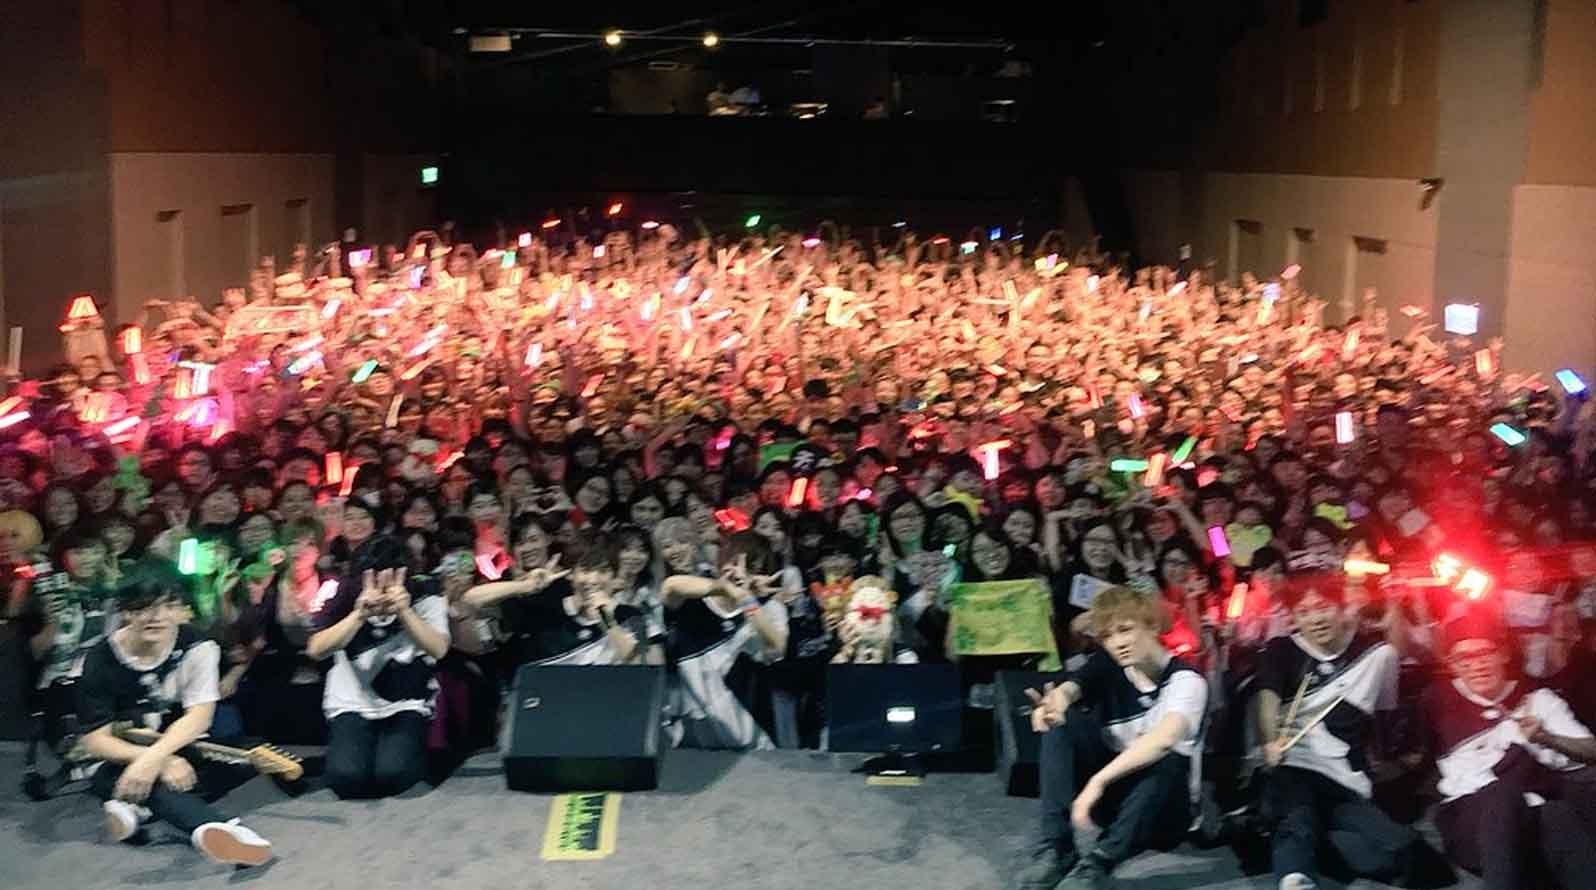 【迷迷現場】NICO人氣歌手天月、96貓和佐香智久台灣共演驚喜連連